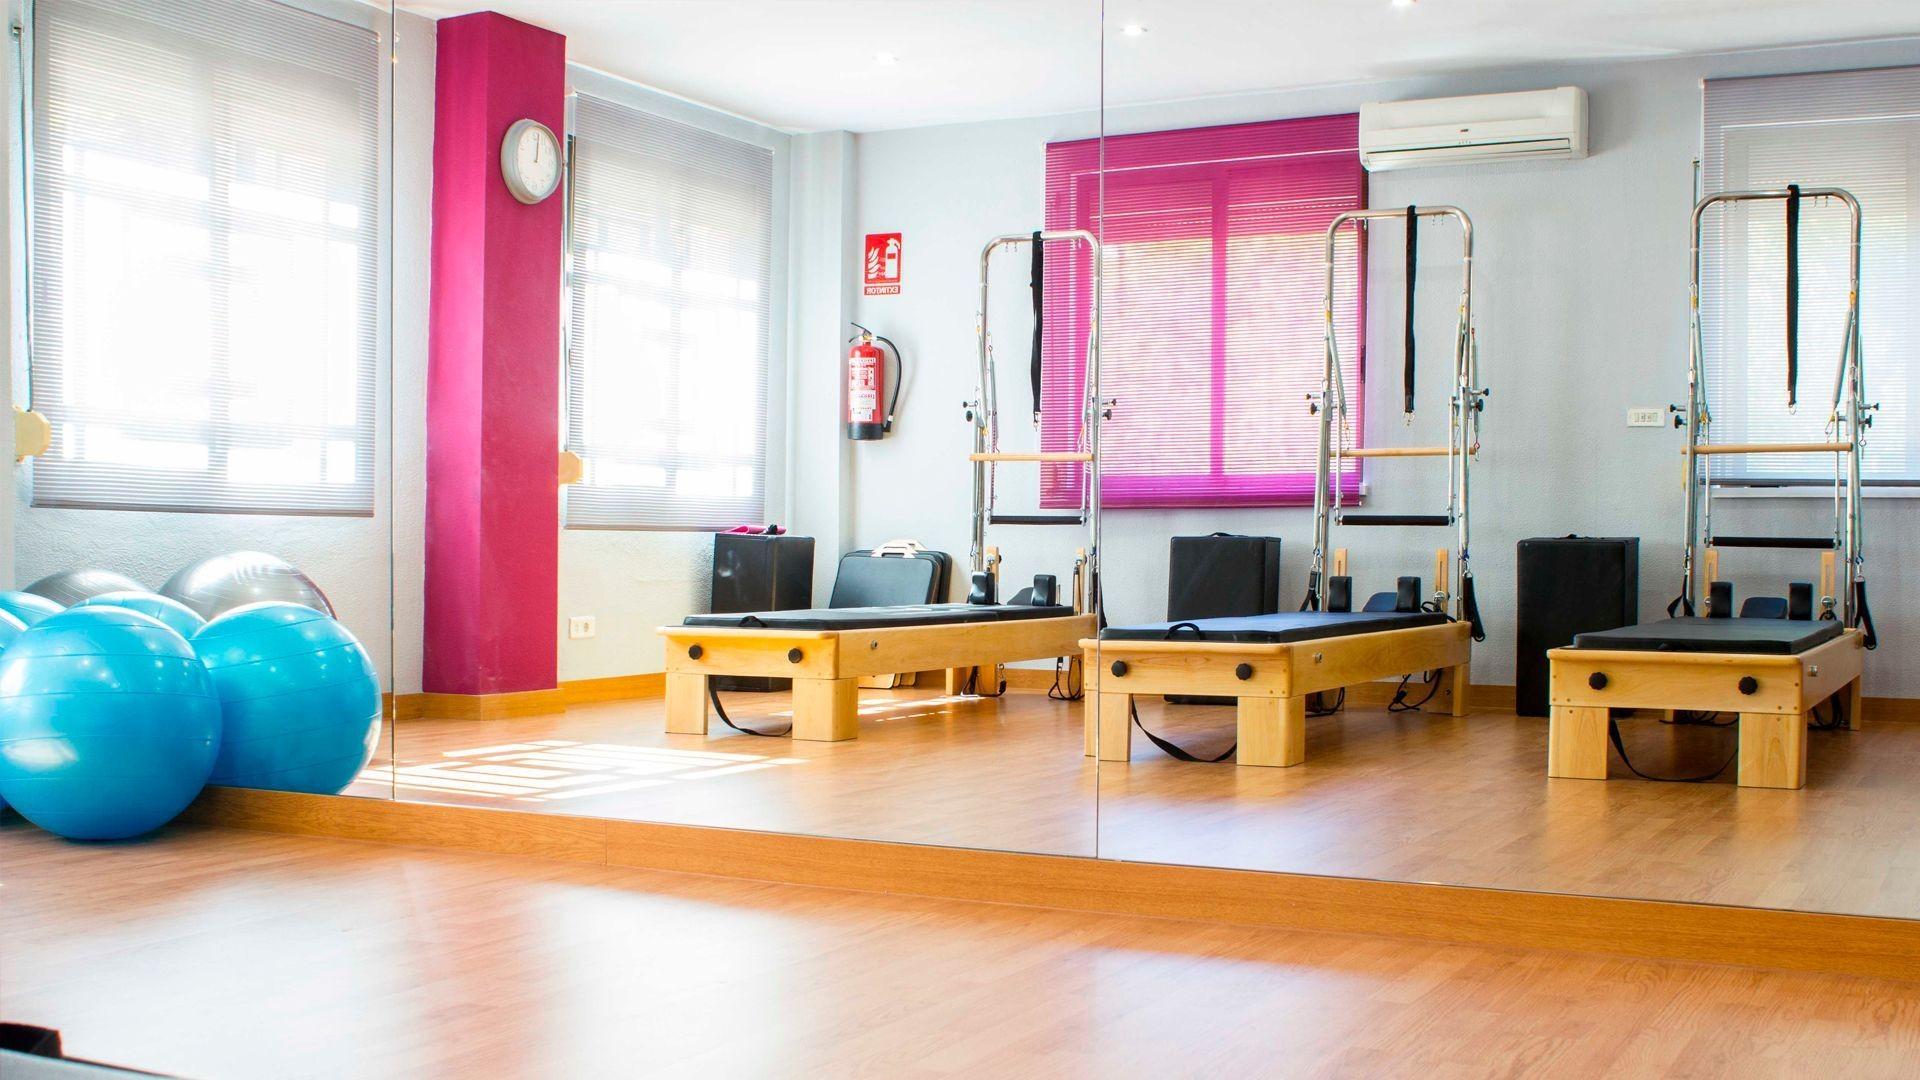 Clínica de fisioterapia en Cáceres